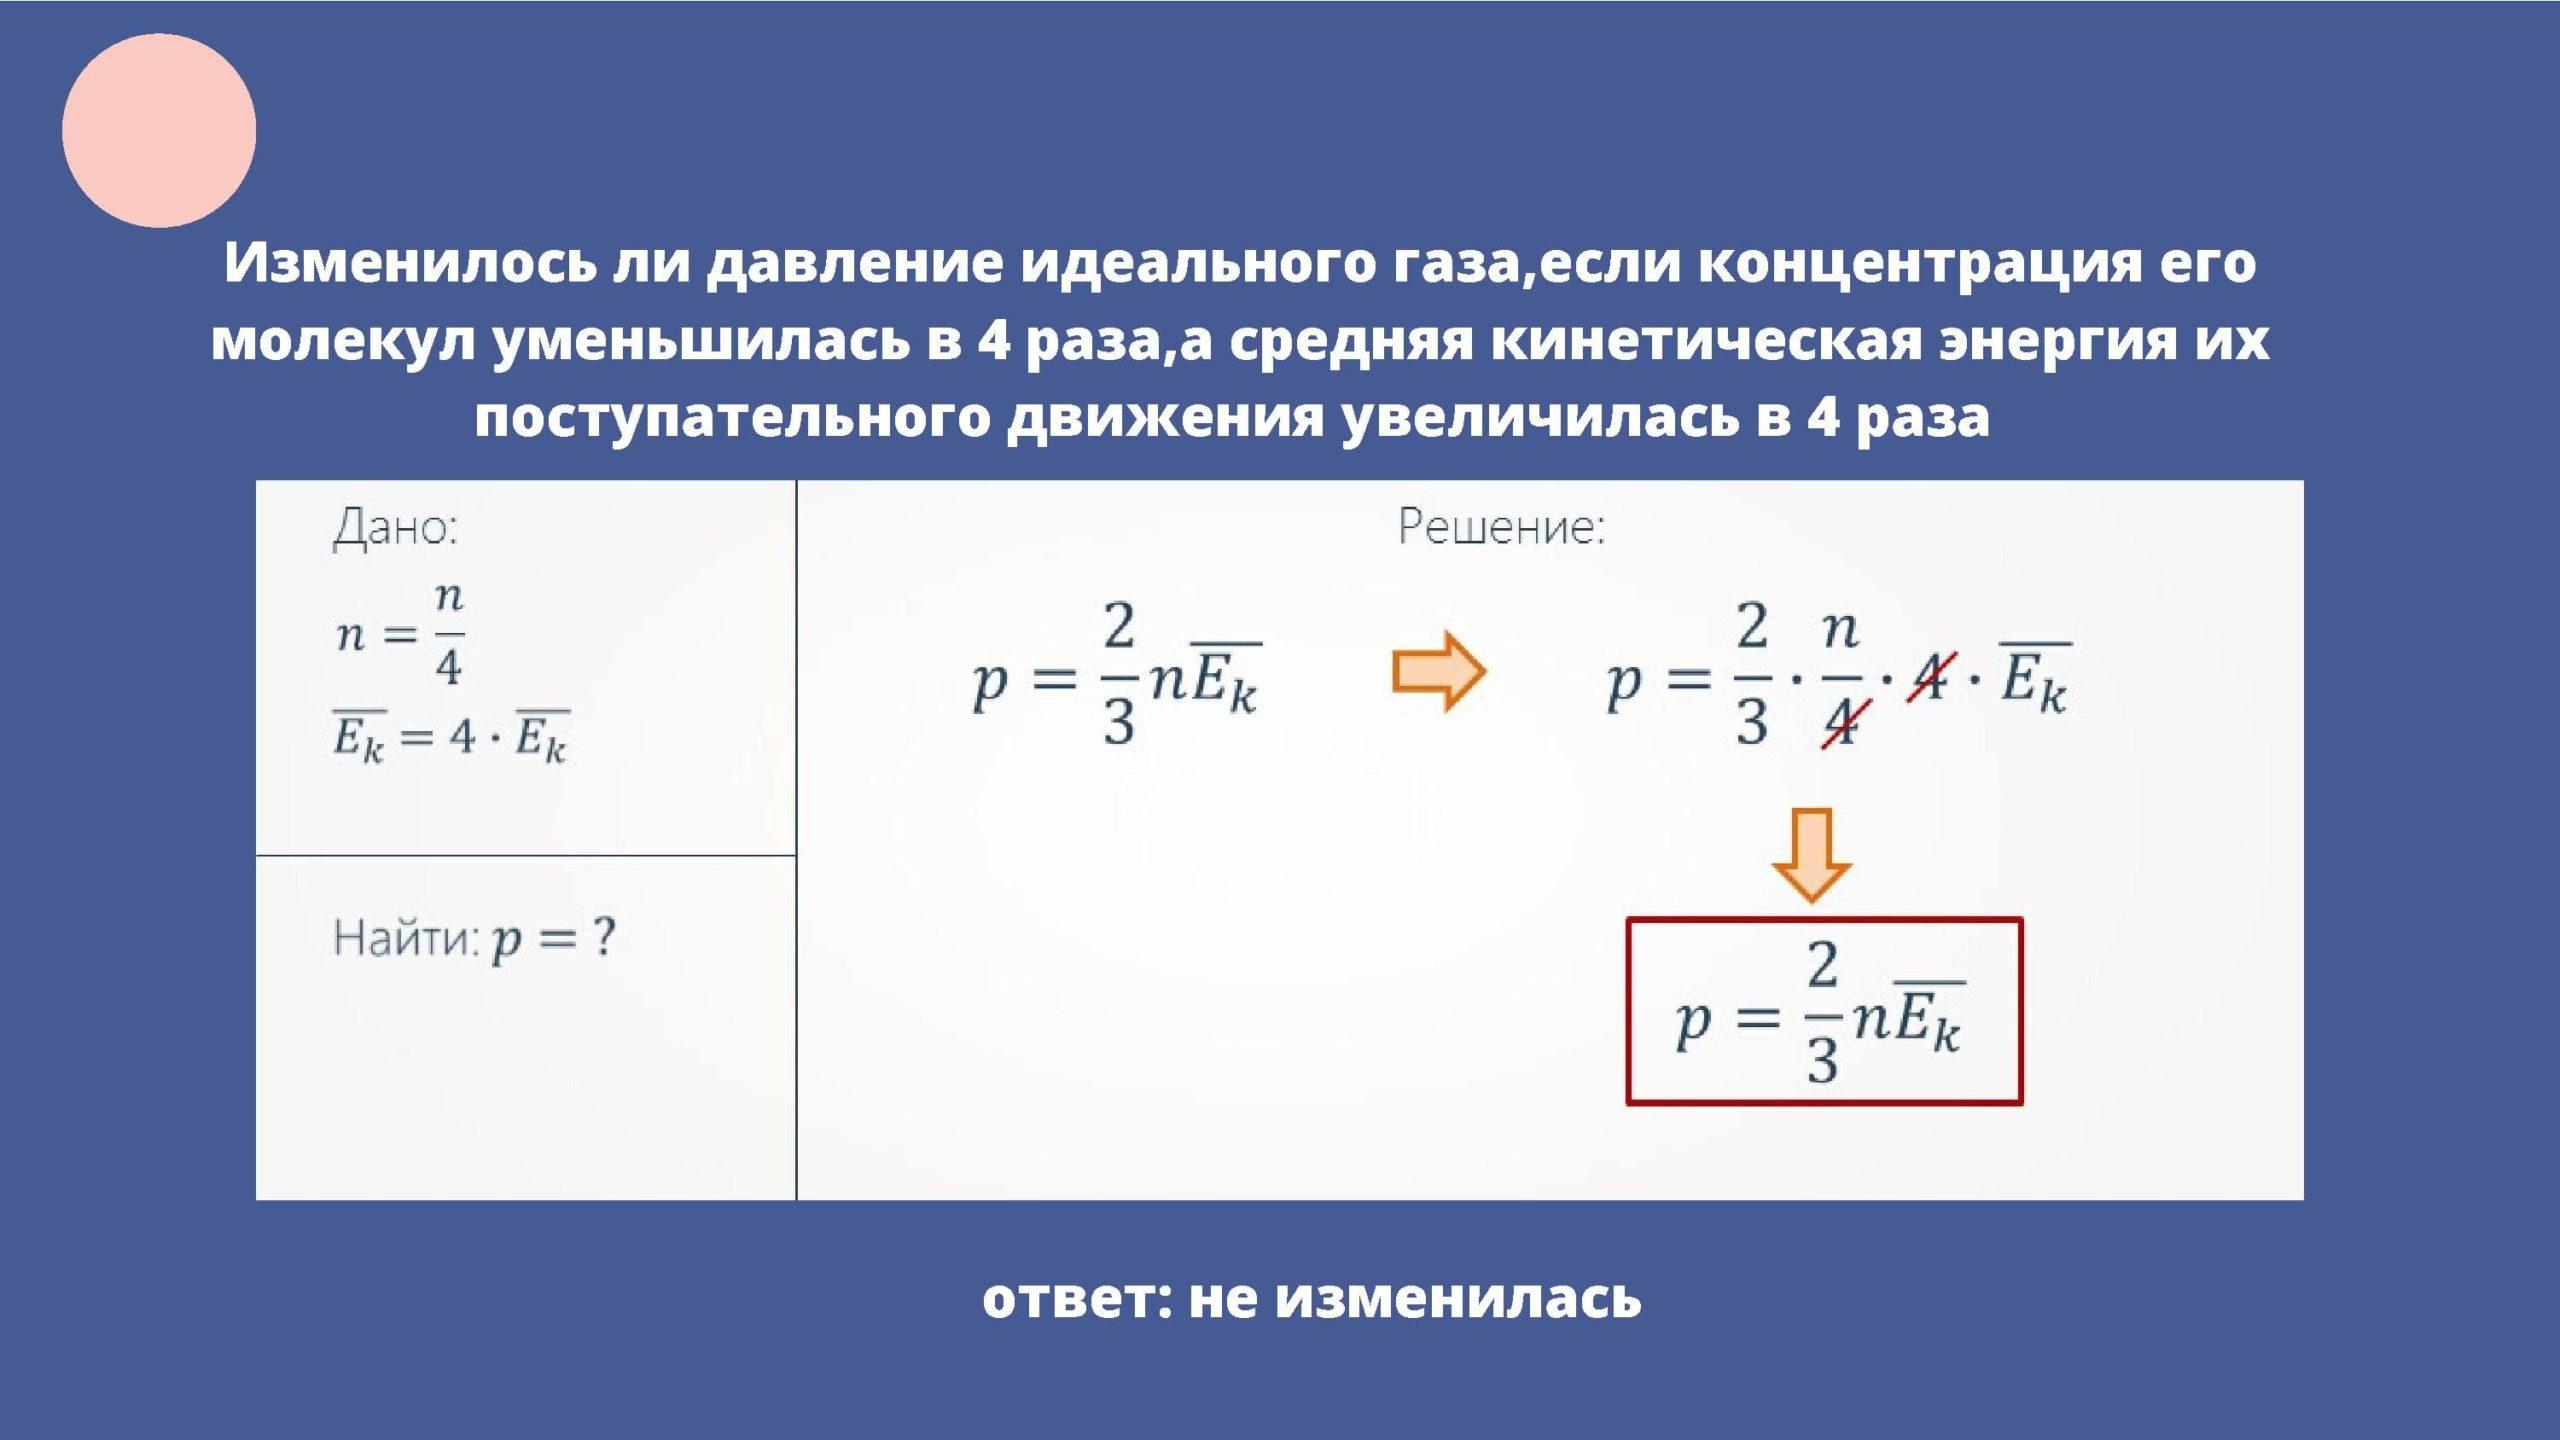 Задача. Изменилось ли давление идеального газа, если концентрация его молекул уменьшилась в 4 раза, а